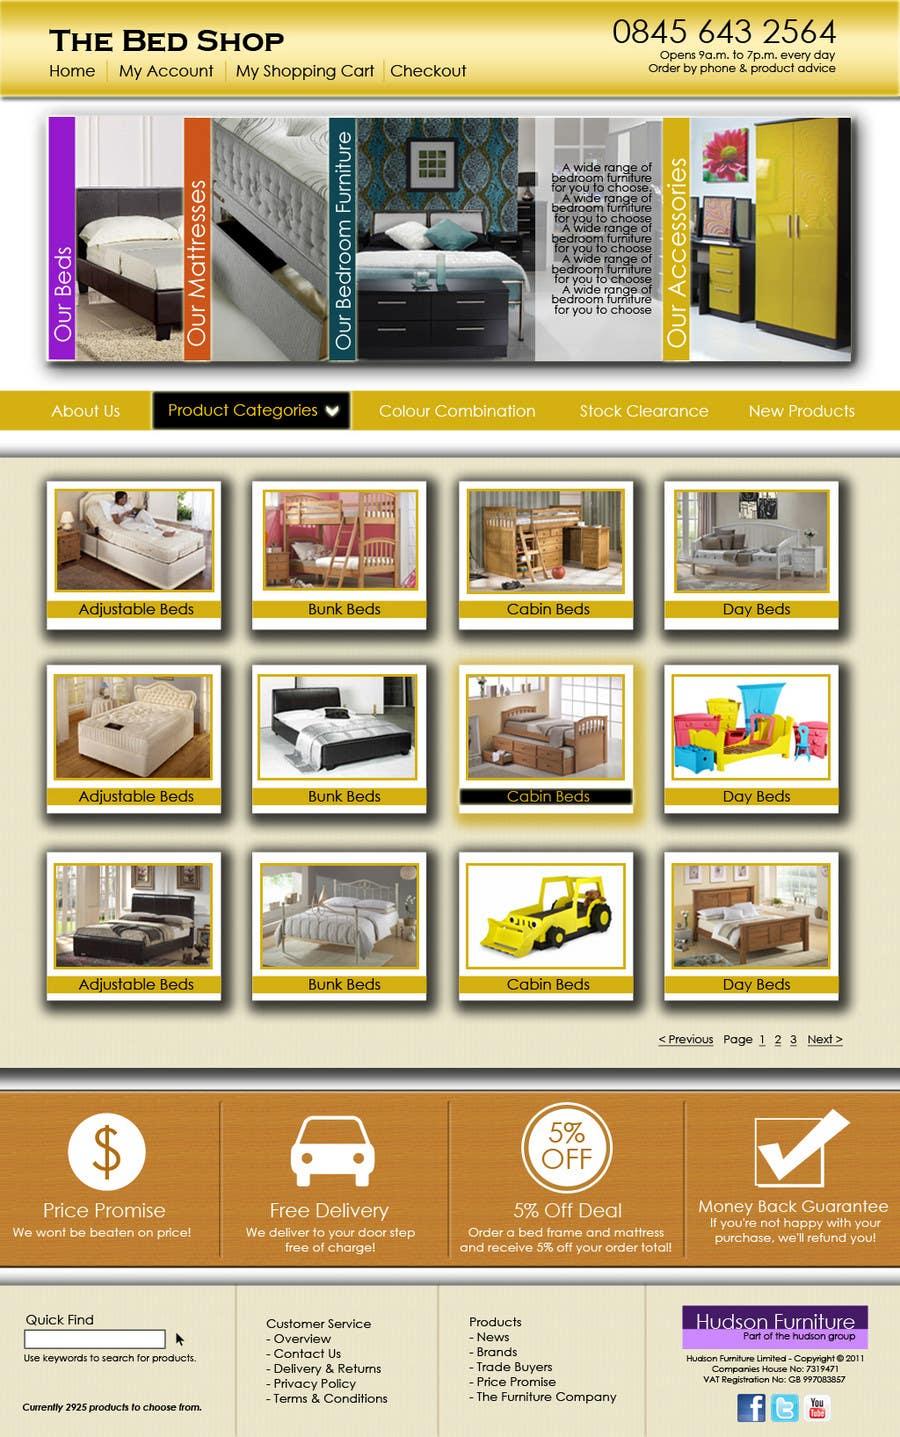 Penyertaan Peraduan #55 untuk Website Design for The Bed Shop (Online Furniture Retailer)